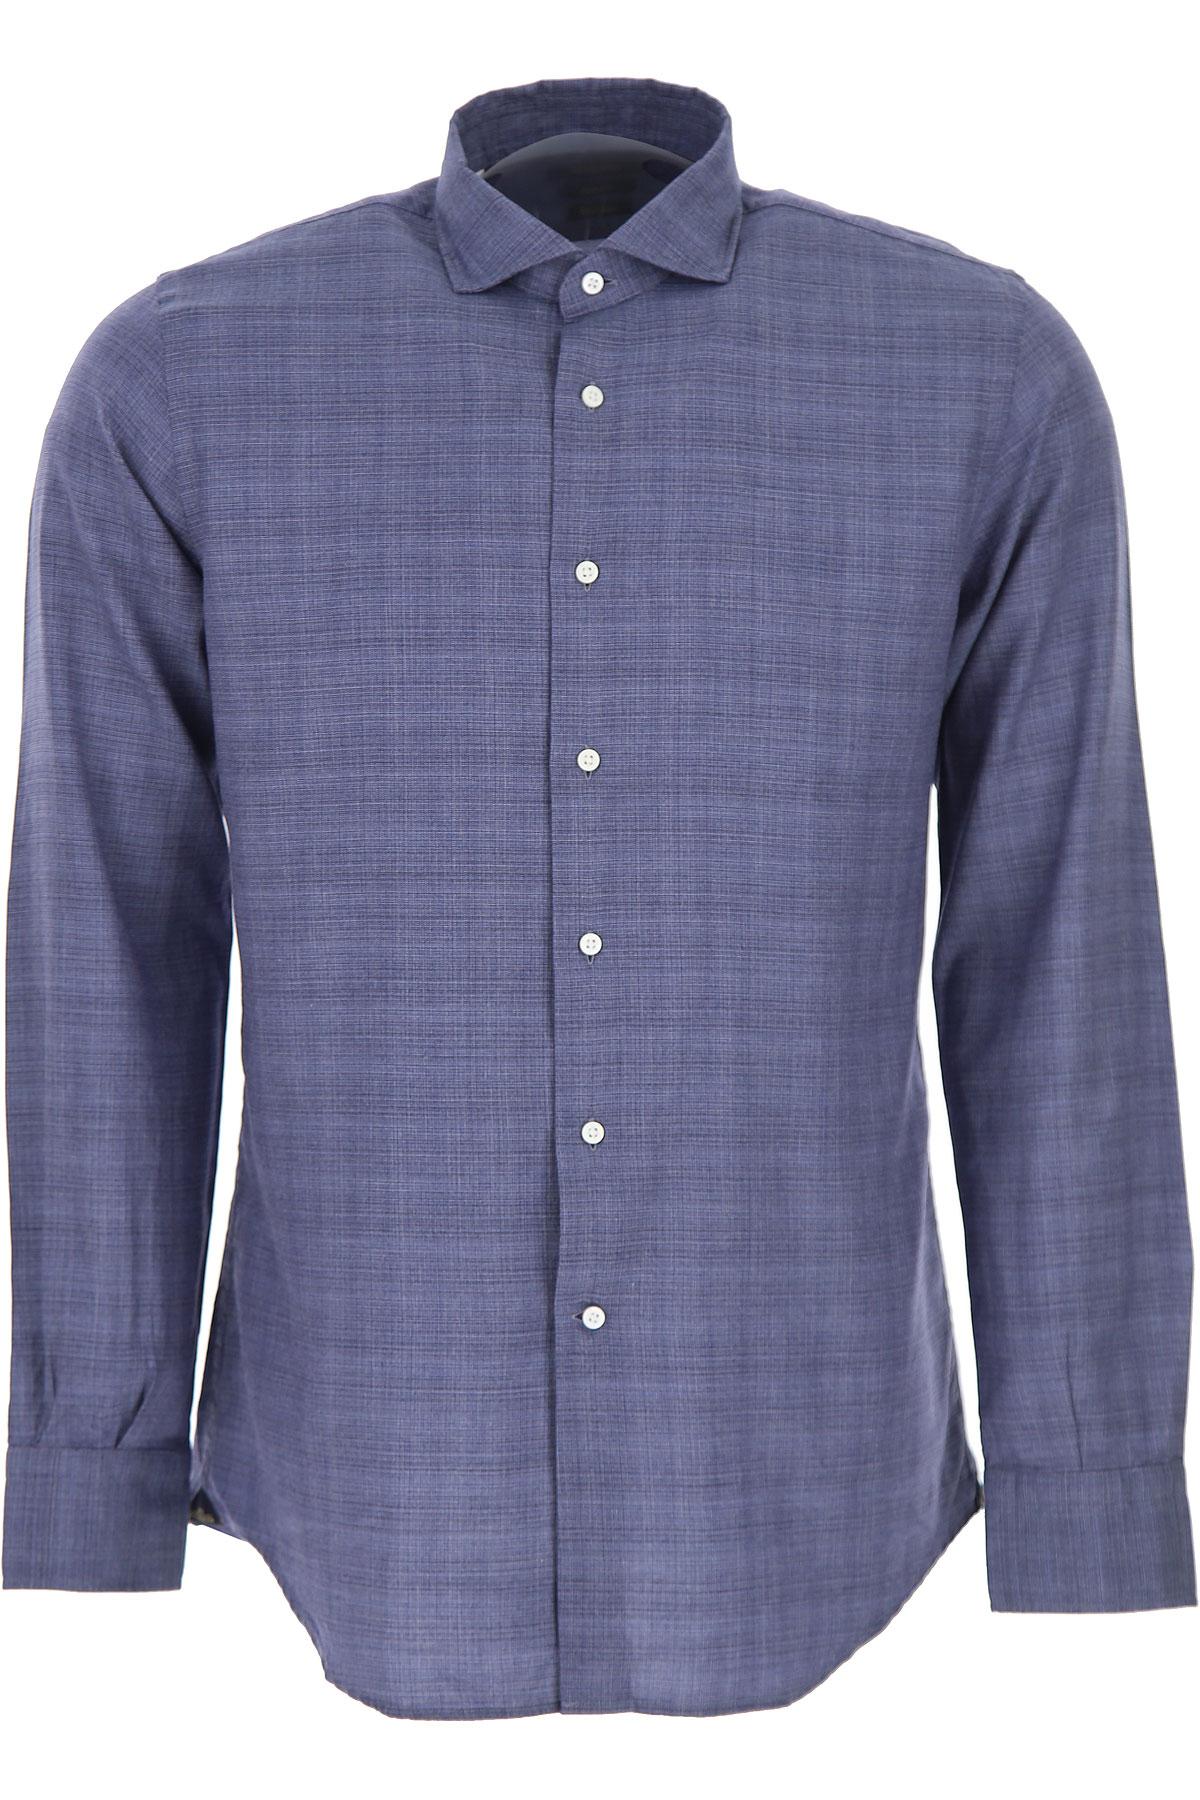 Del Siena Shirt for Men On Sale, Denim, Cotton, 2019, 15 15.5 15.75 16 16.5 17 17.5